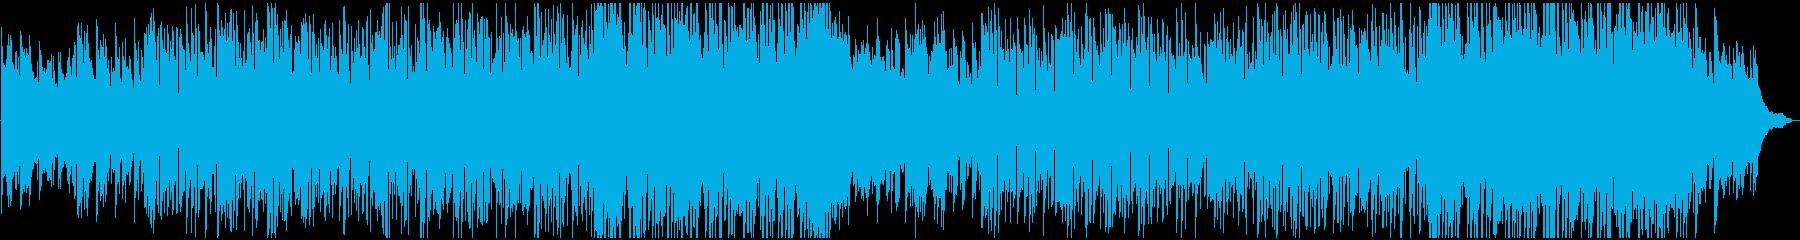 爽やかでおしゃれ、ピアノのフュージョンの再生済みの波形